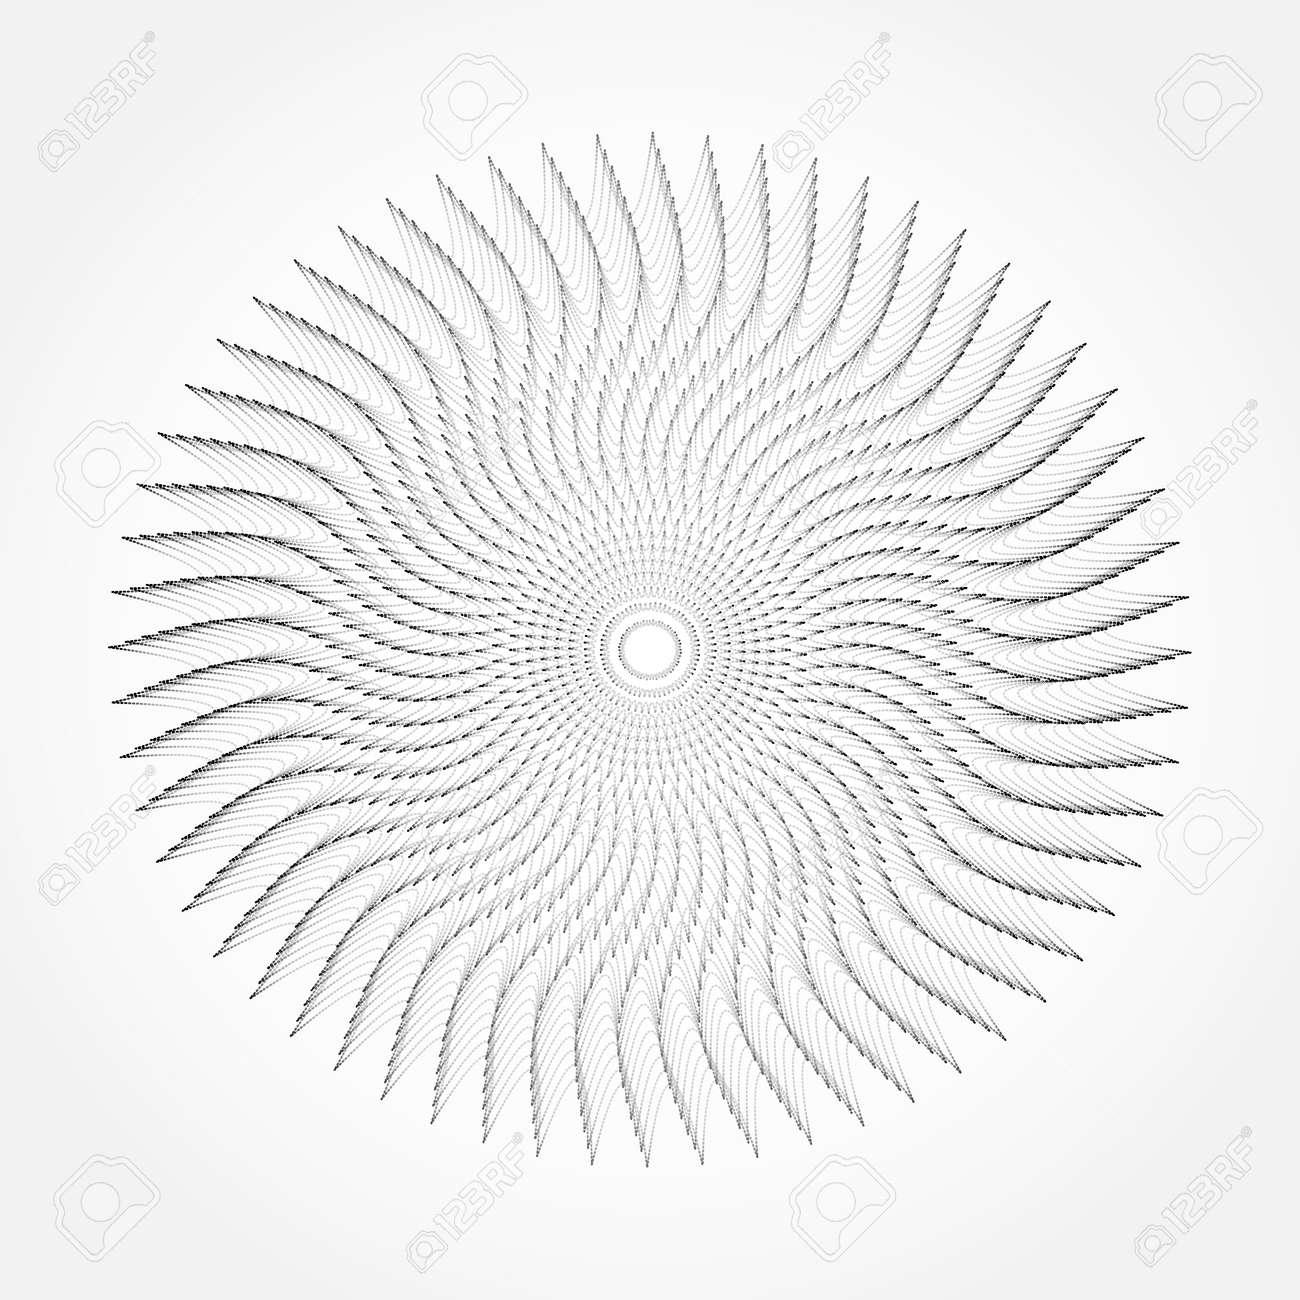 抽象的な渦線テクスチャ背景ベク...